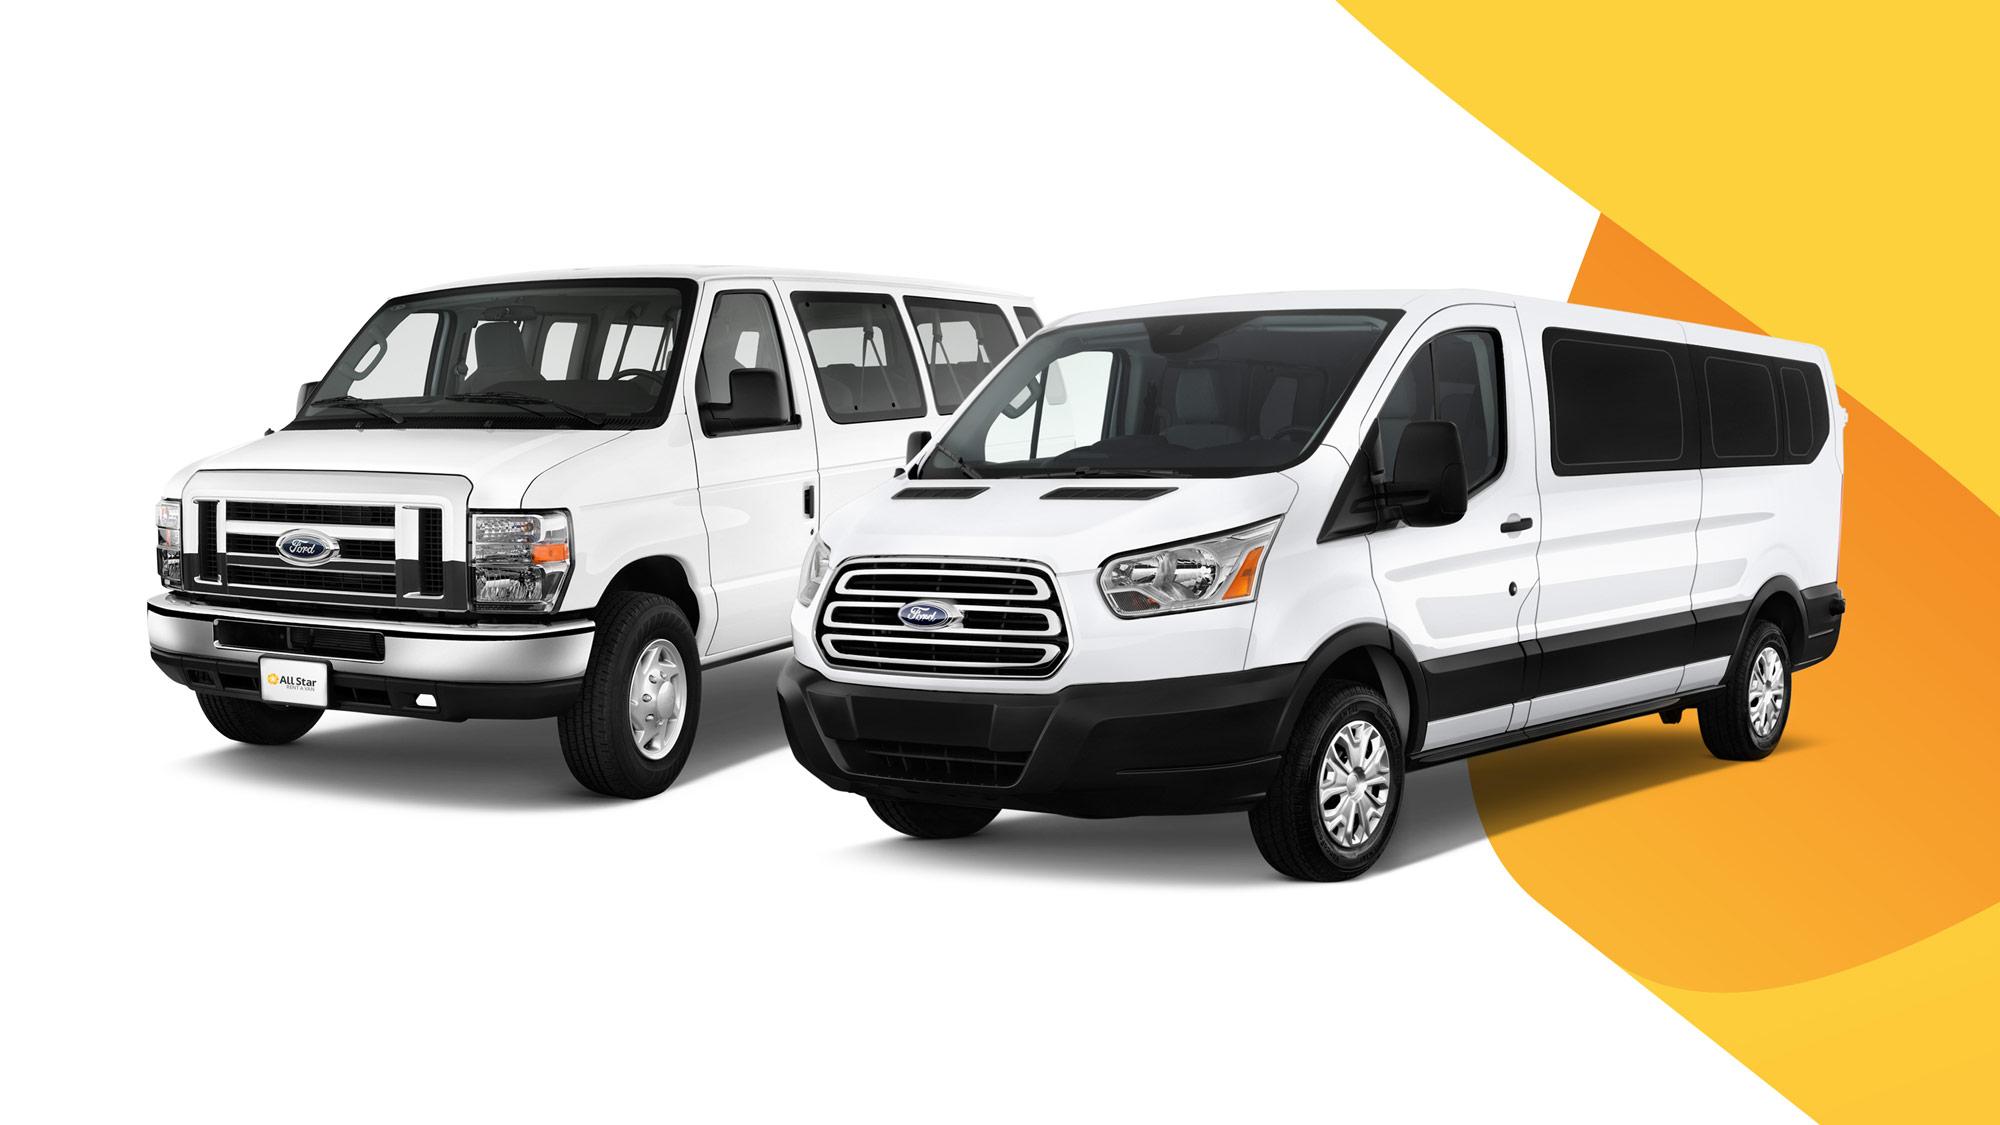 All Star Rent A Van San Diego s Premier Van Rental Service